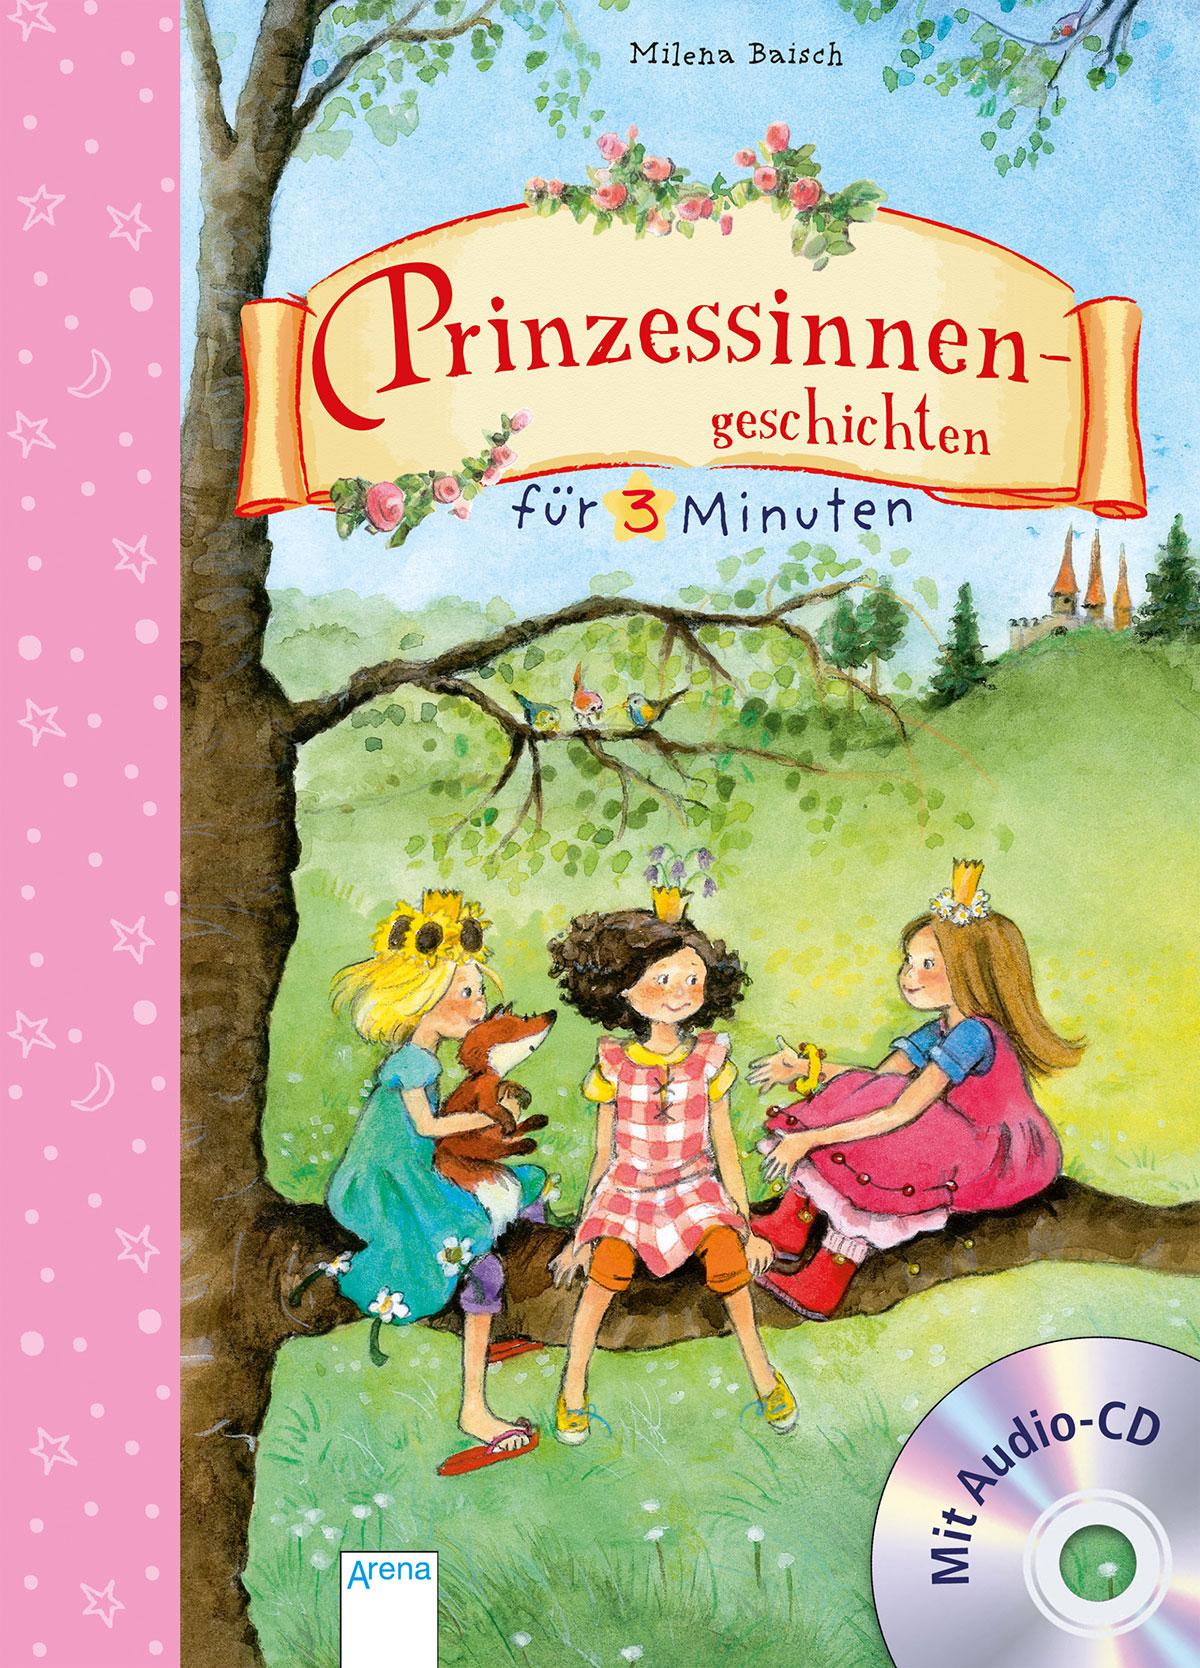 »Prinzessinnengeschichten für 3 Minuten« — Arena